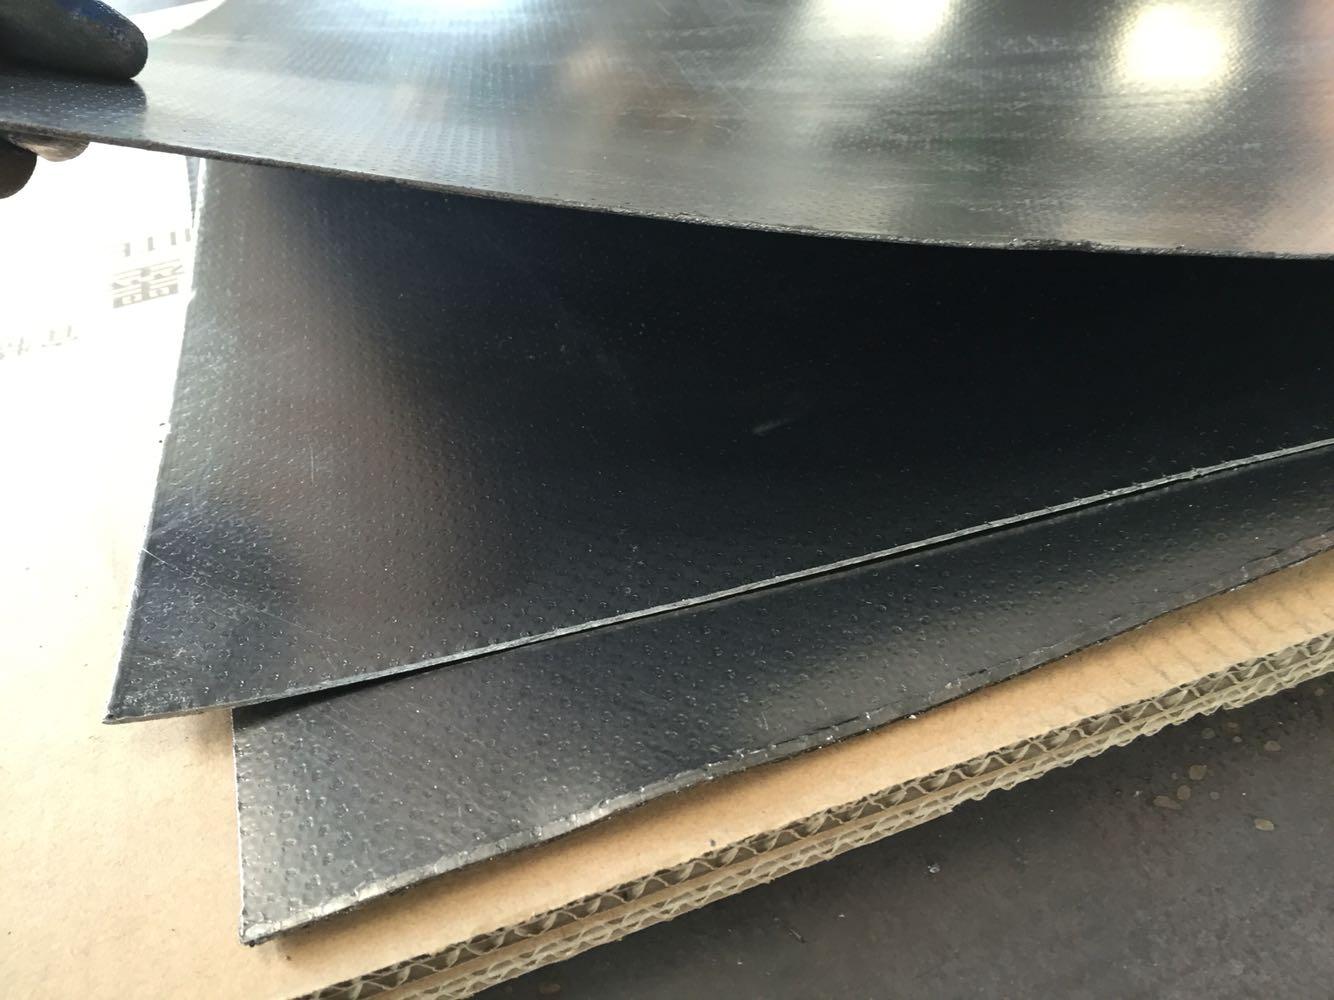 石墨板耐高温 柔性石墨板导电 石墨板加工 石墨金属复合板1-5mm